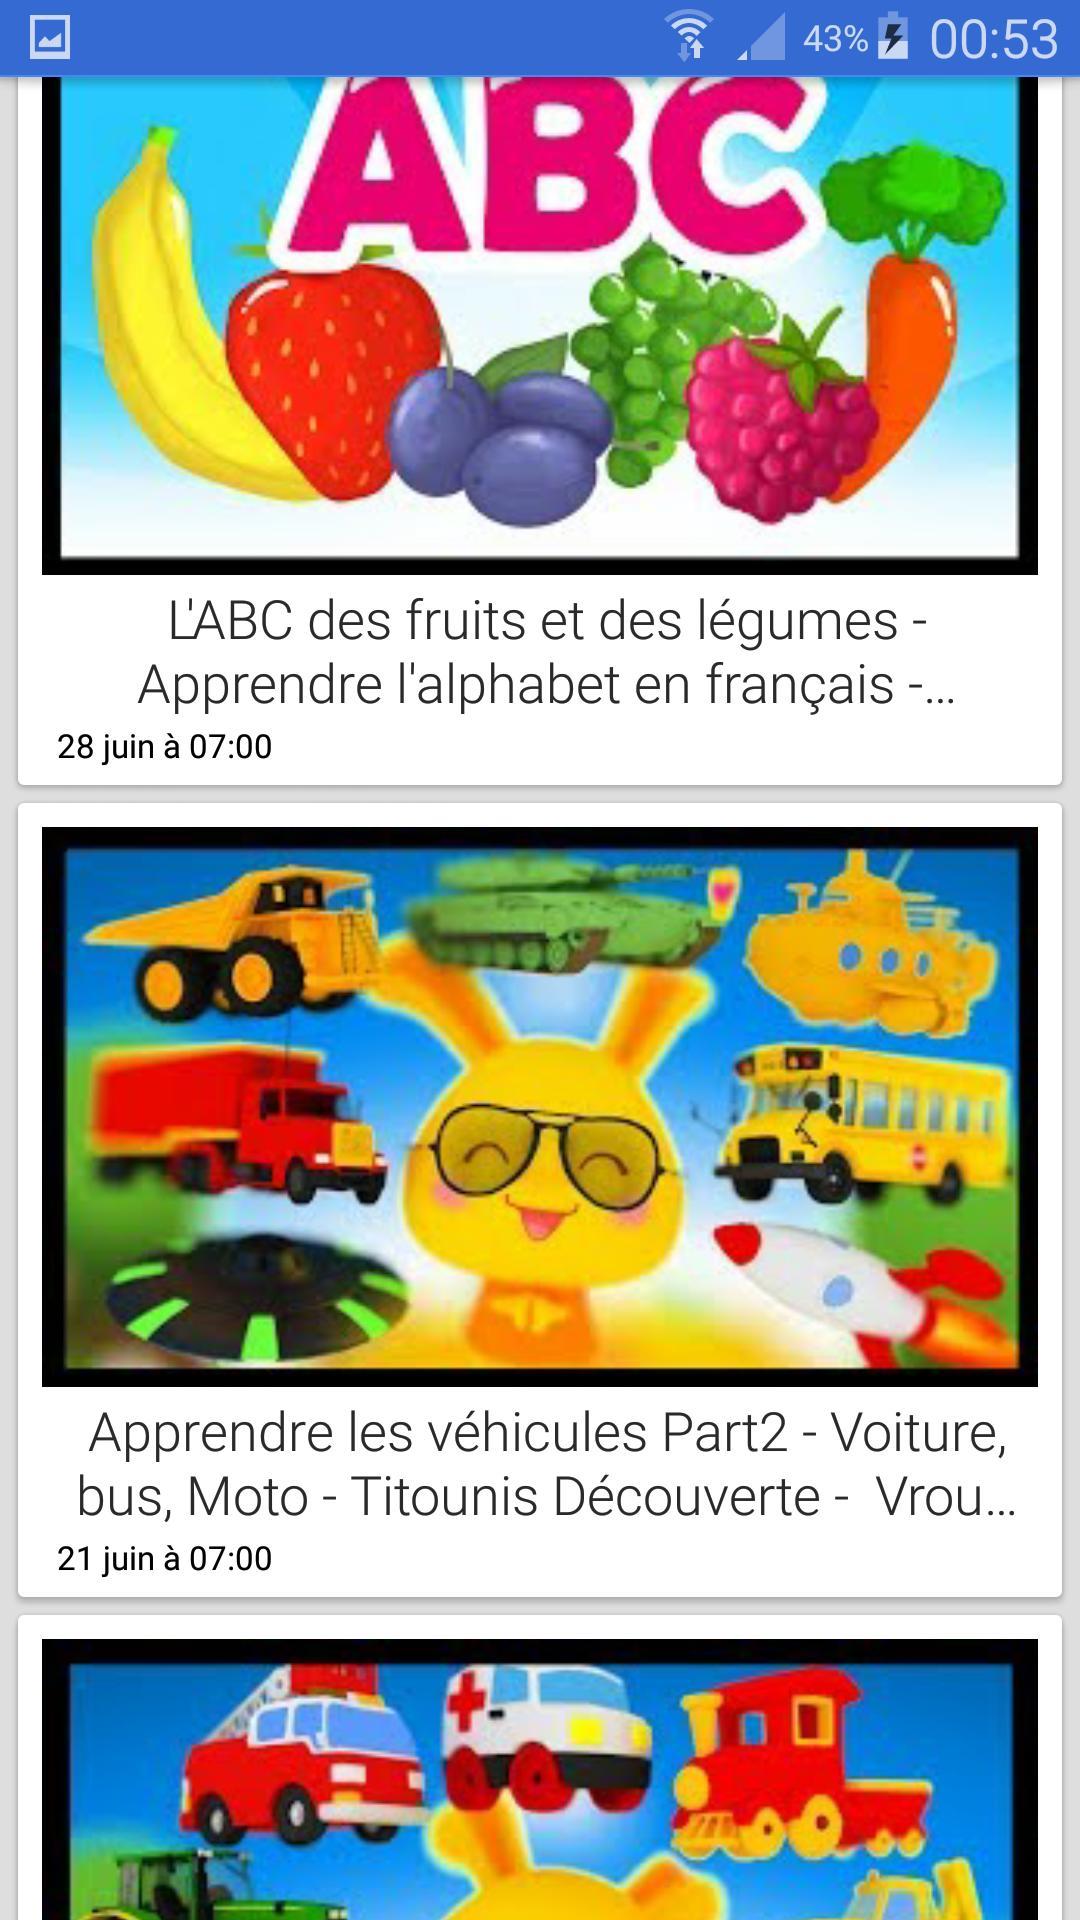 Chansons Des Titounis For Android - Apk Download destiné Chanson Sur Les Fruits Et Légumes